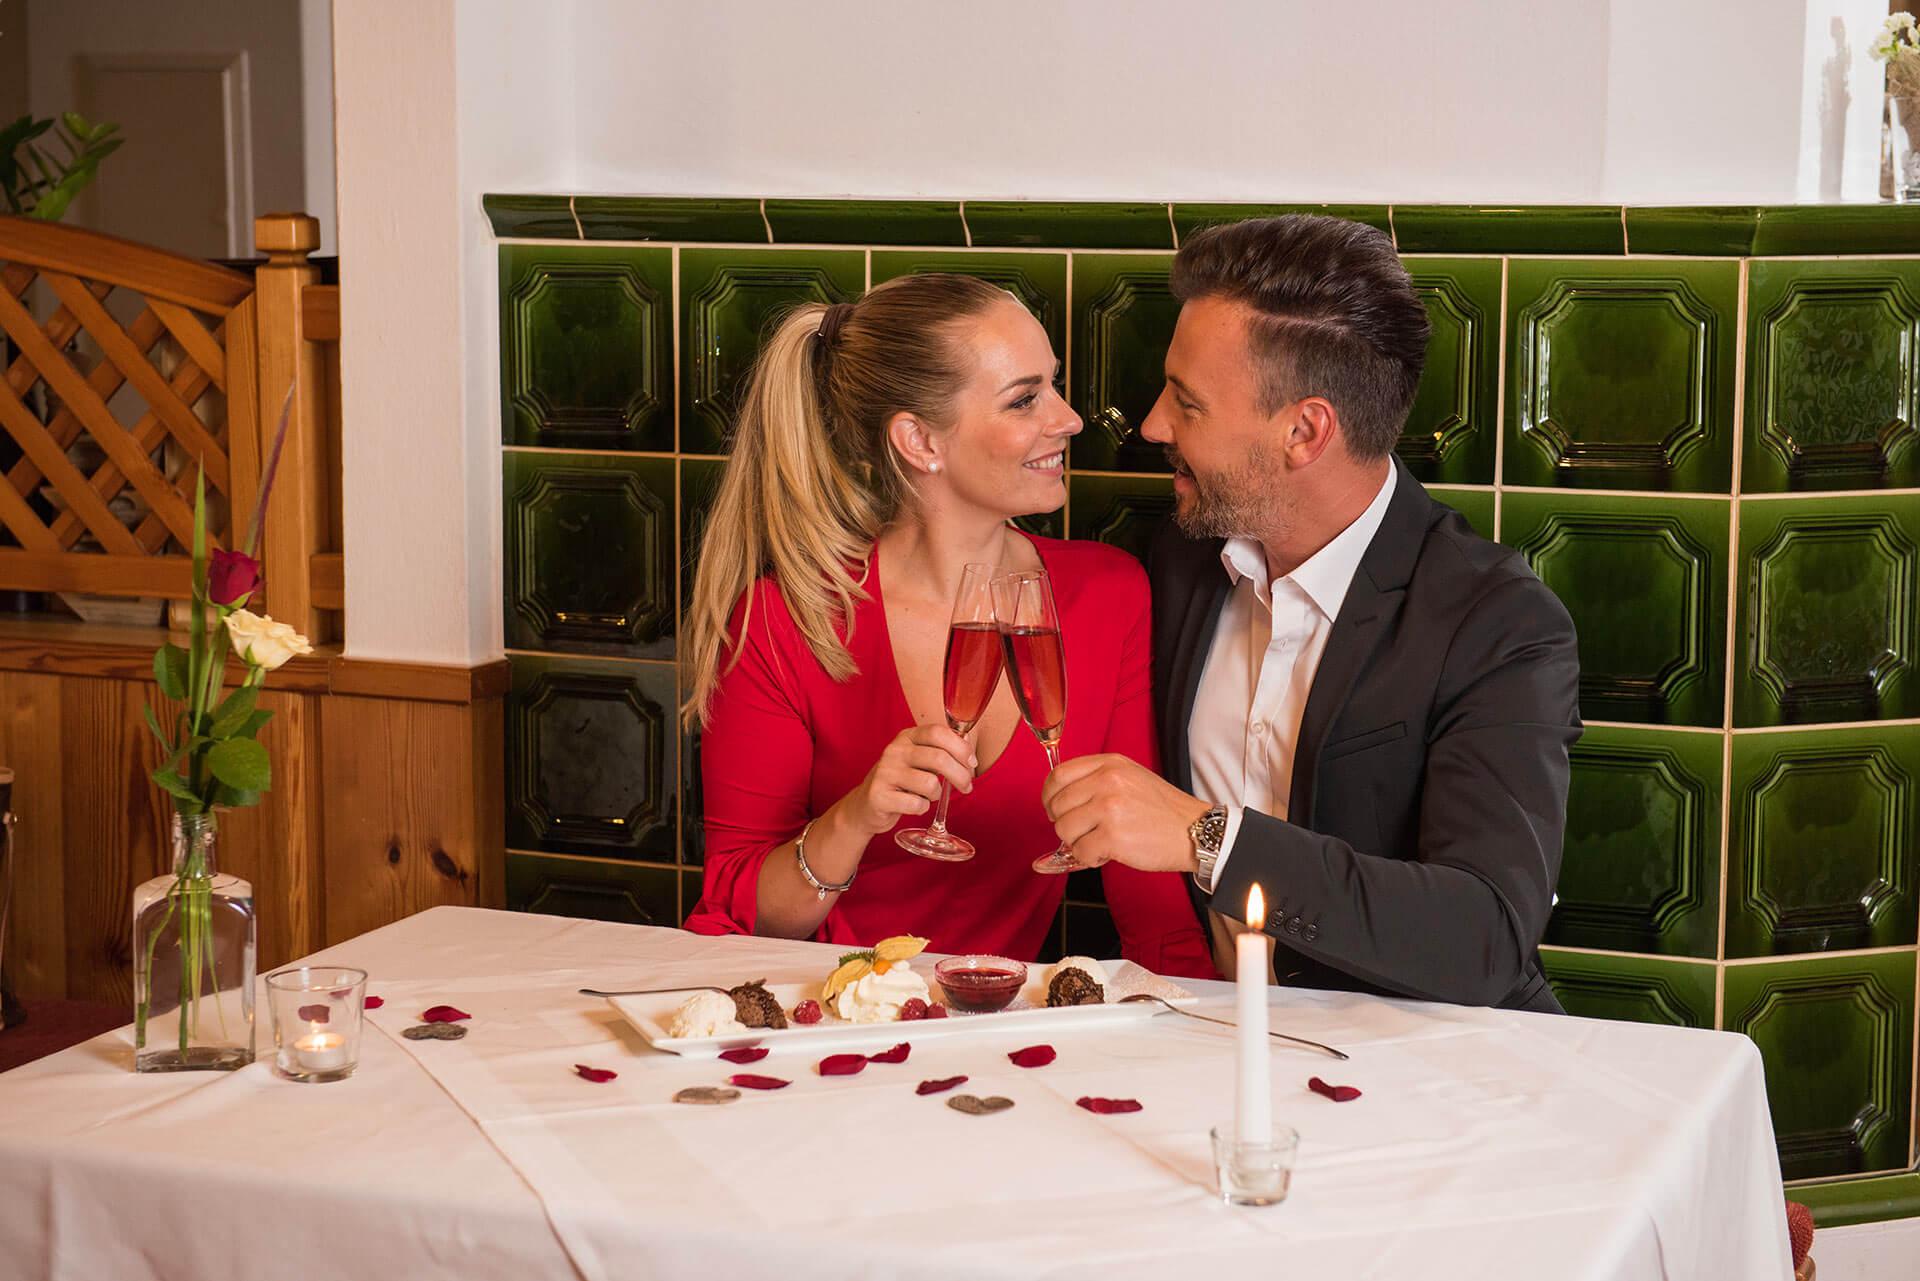 Romantik-Urlaub ohne Kinder: Wertvolle Zeit zu zweit erleben Sie in der Grünen Au.